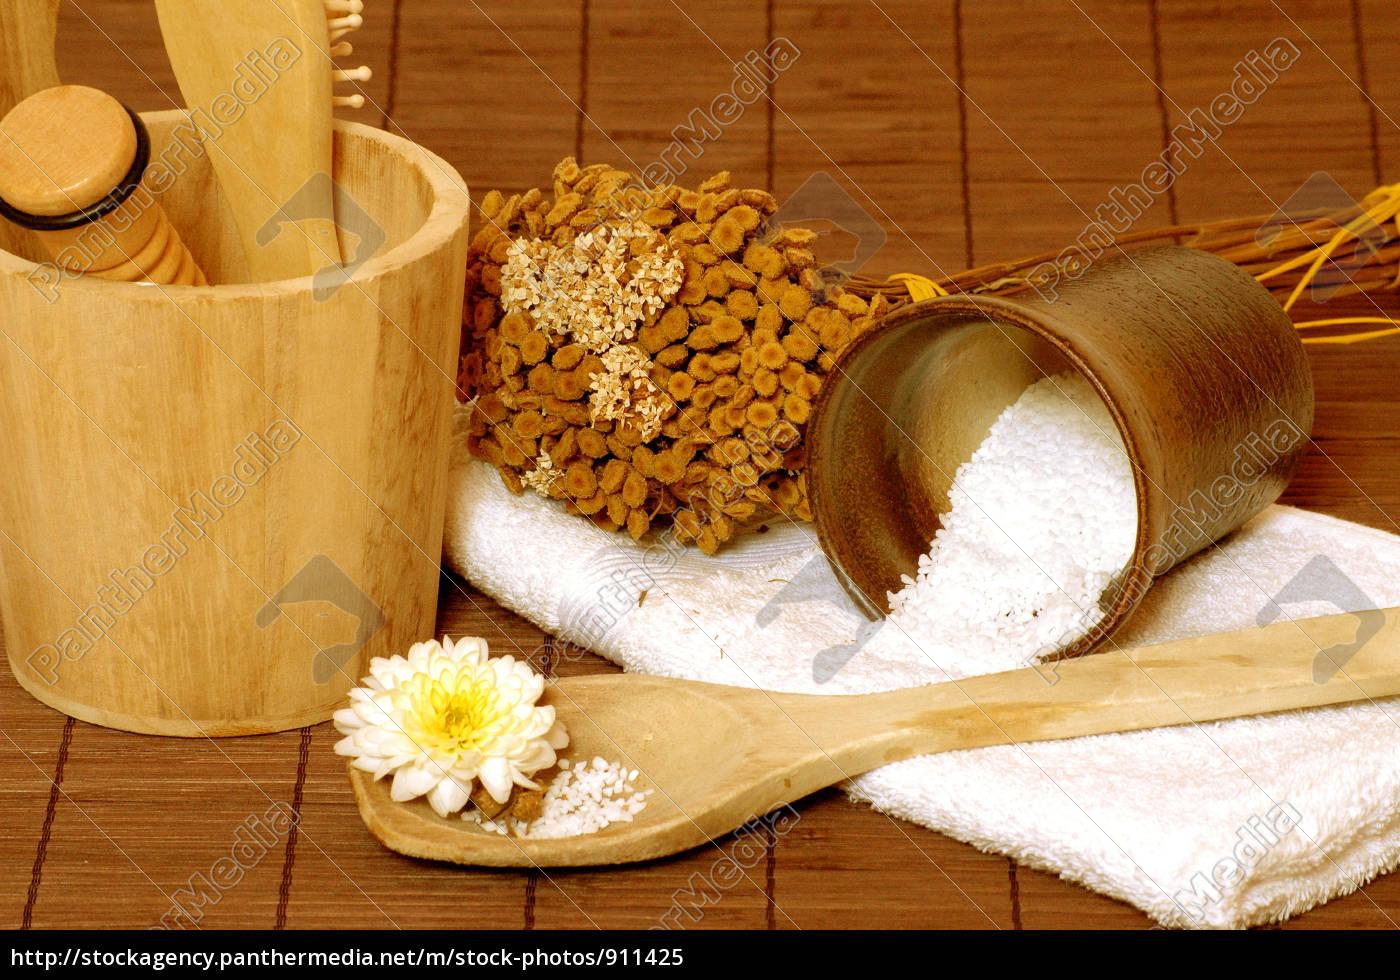 sauna, wellness - 911425